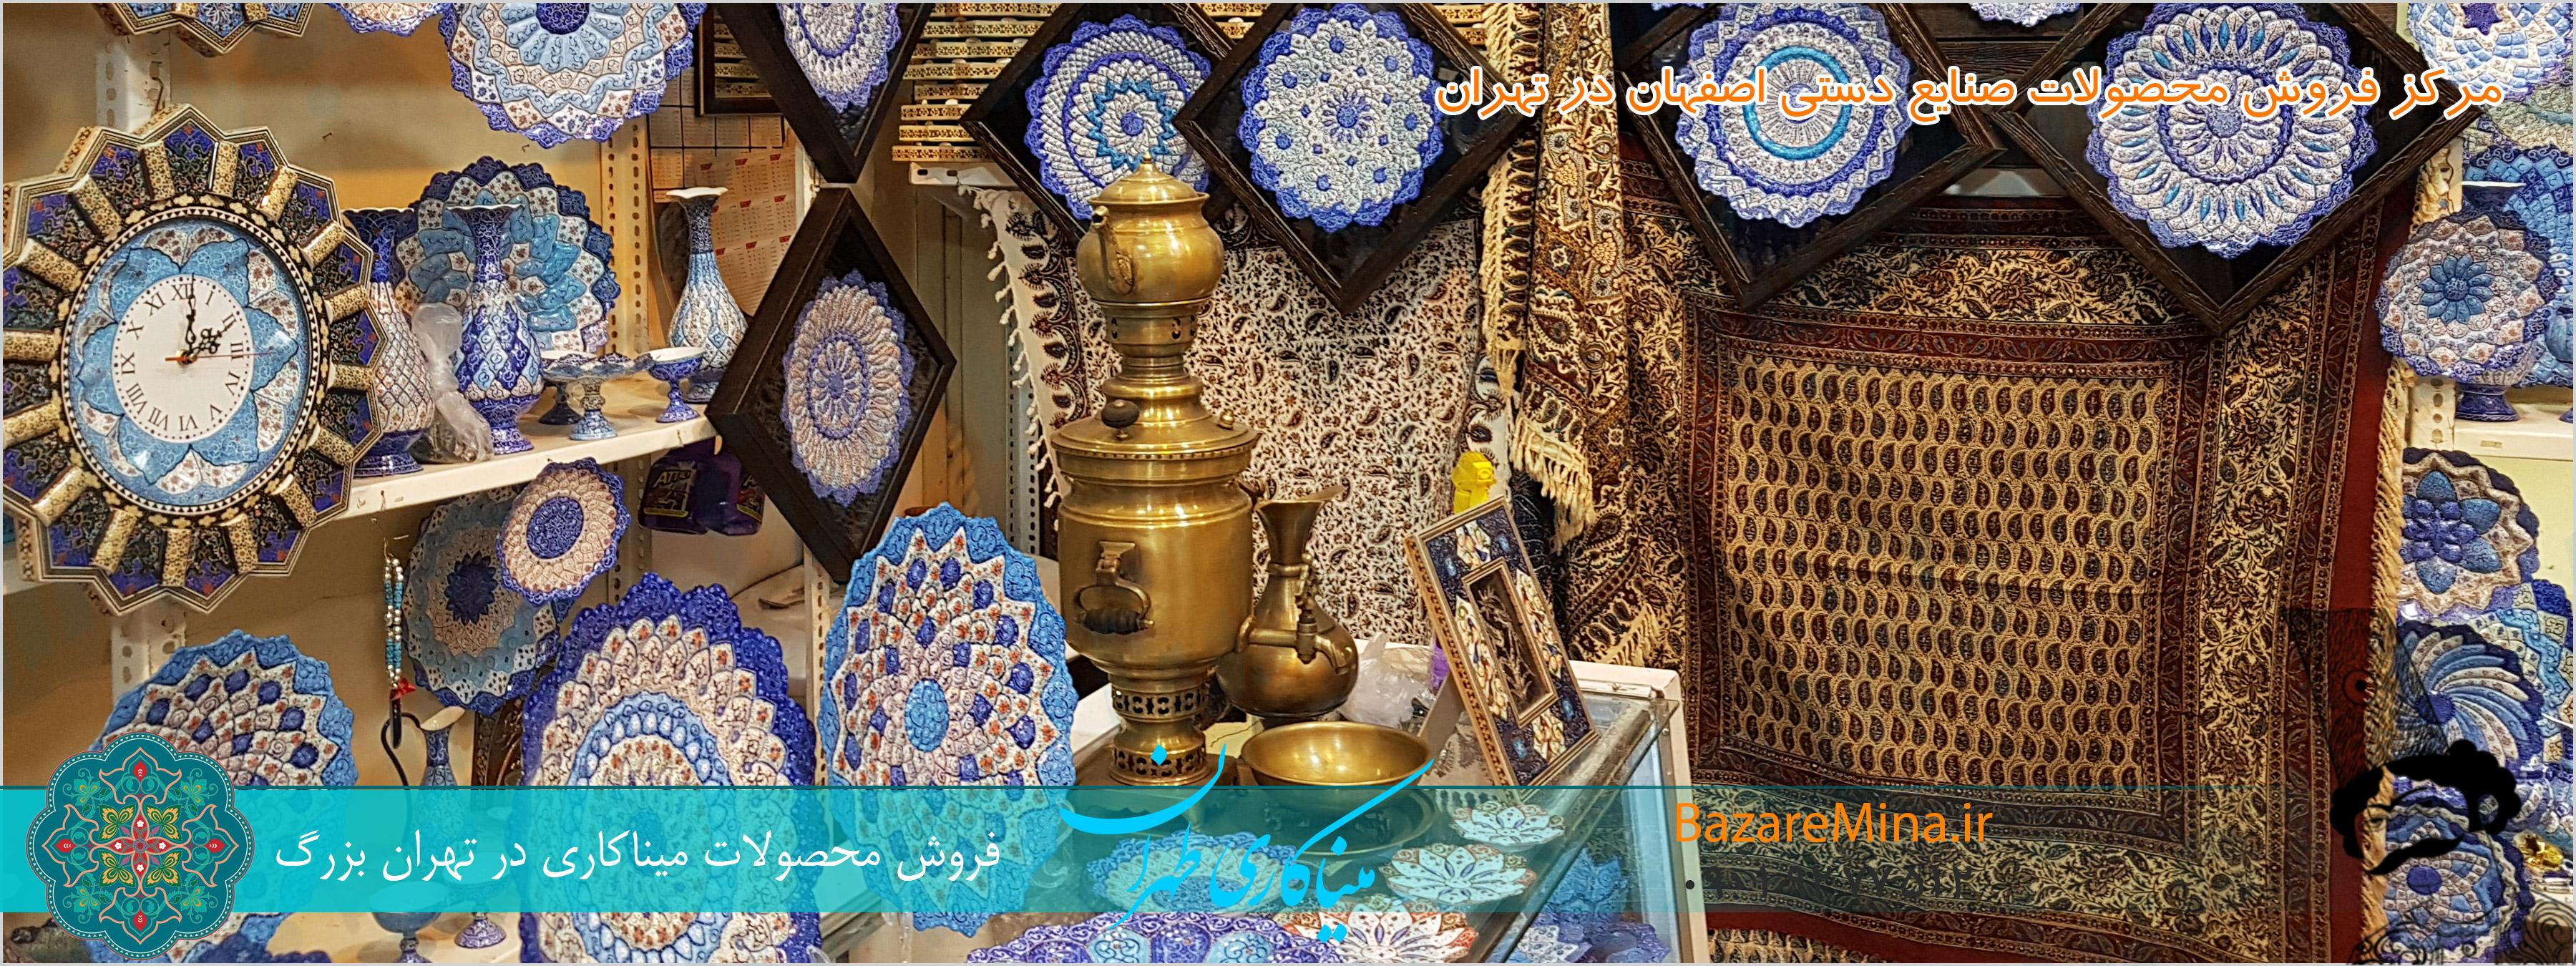 خرید میناکاری تهران